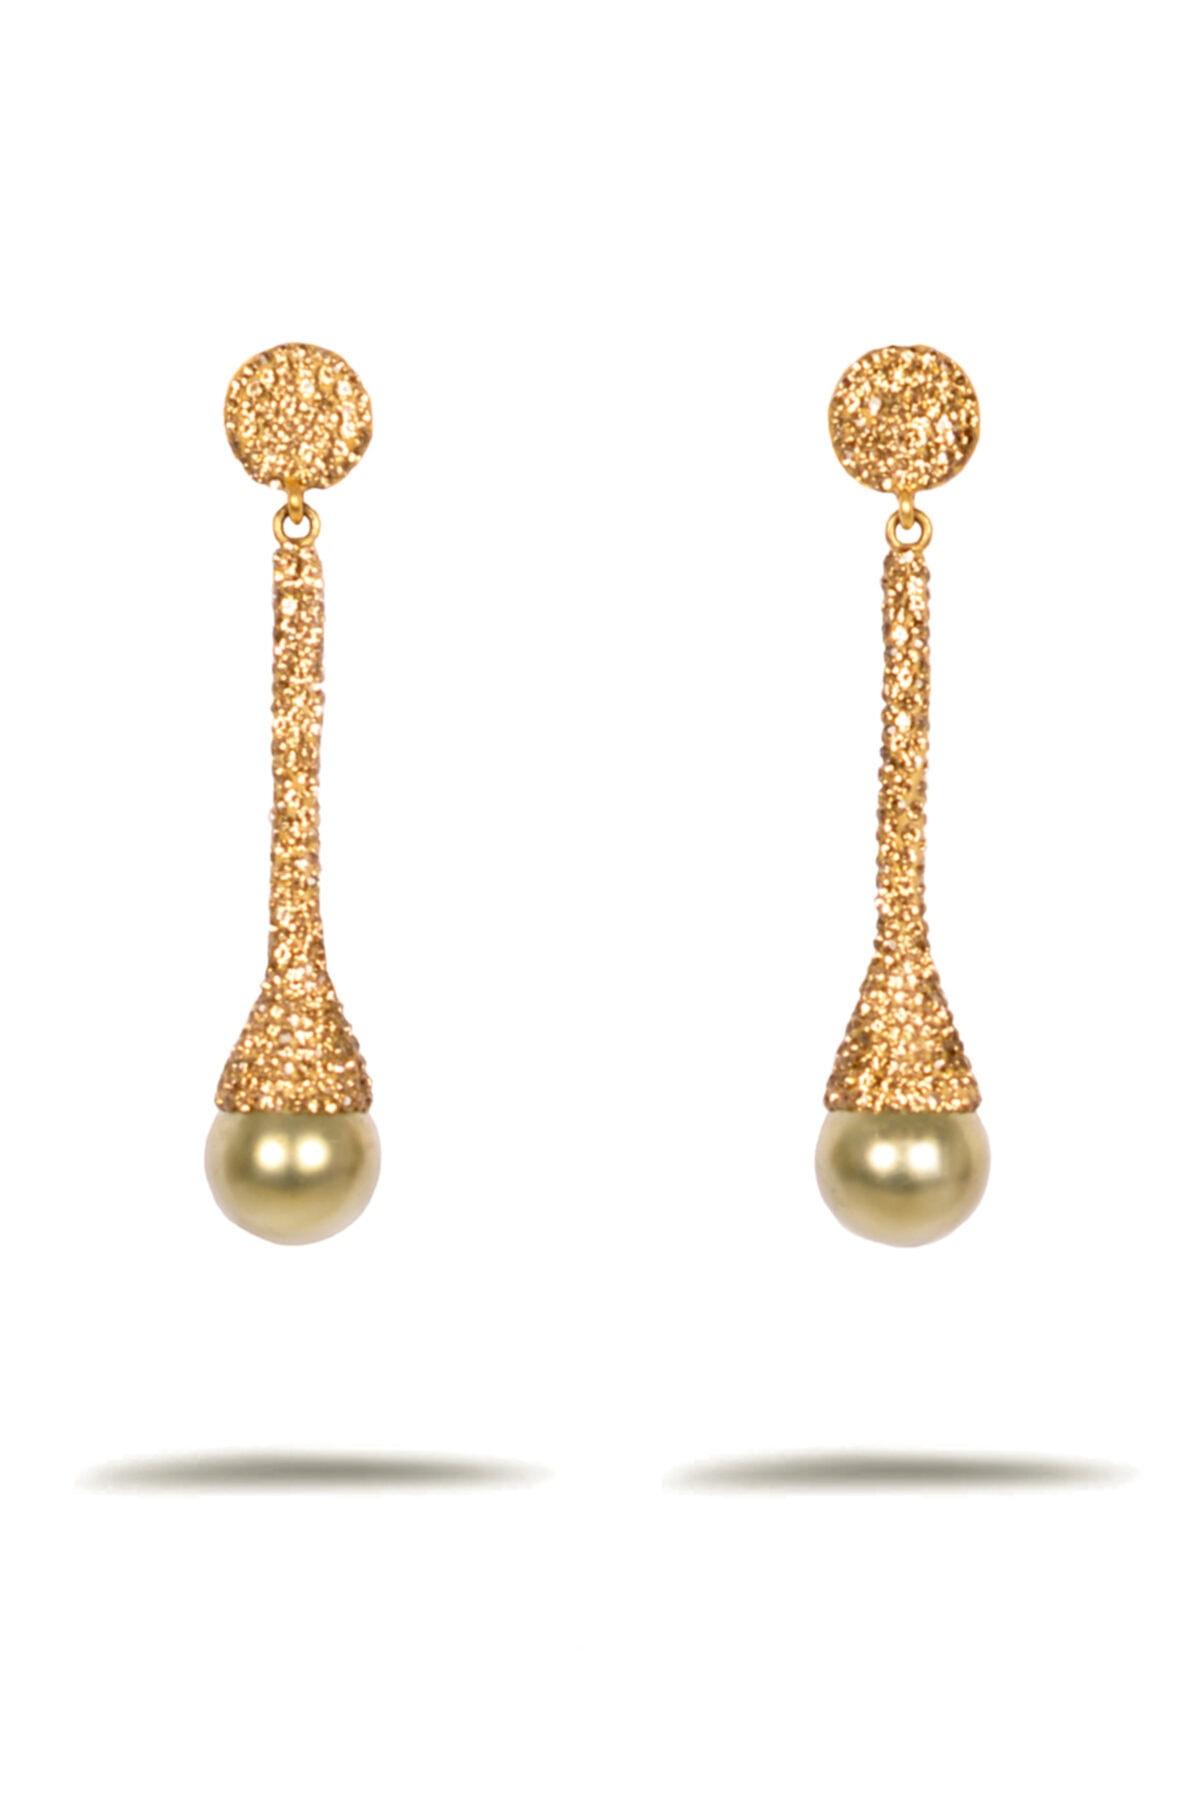 Joven Jewellery Sarı Hematit Taşlı Yeşil Mayorka Incili Gümüş Küpe